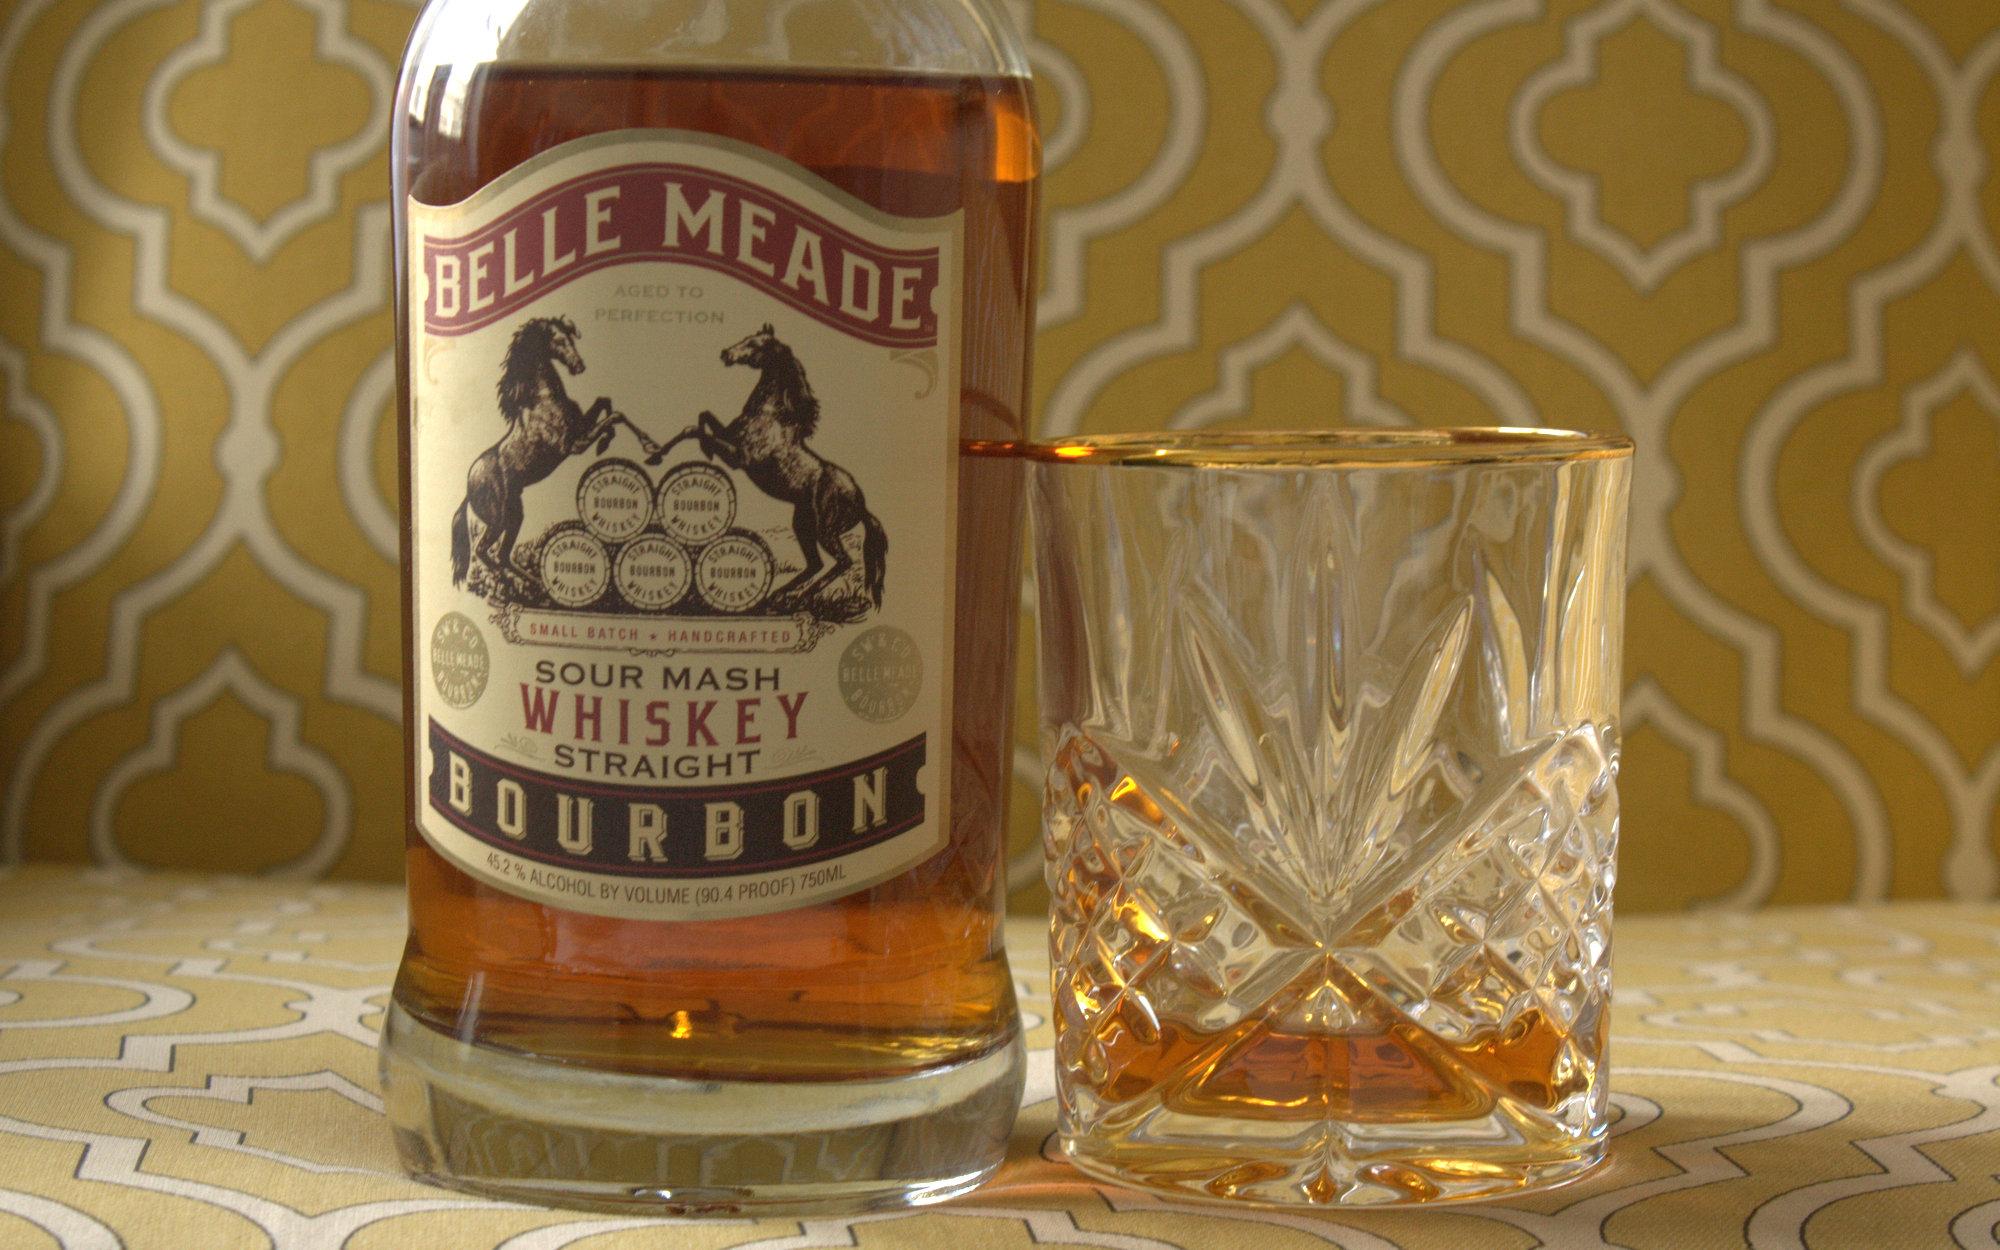 belle meade sour mash straight bourbon review